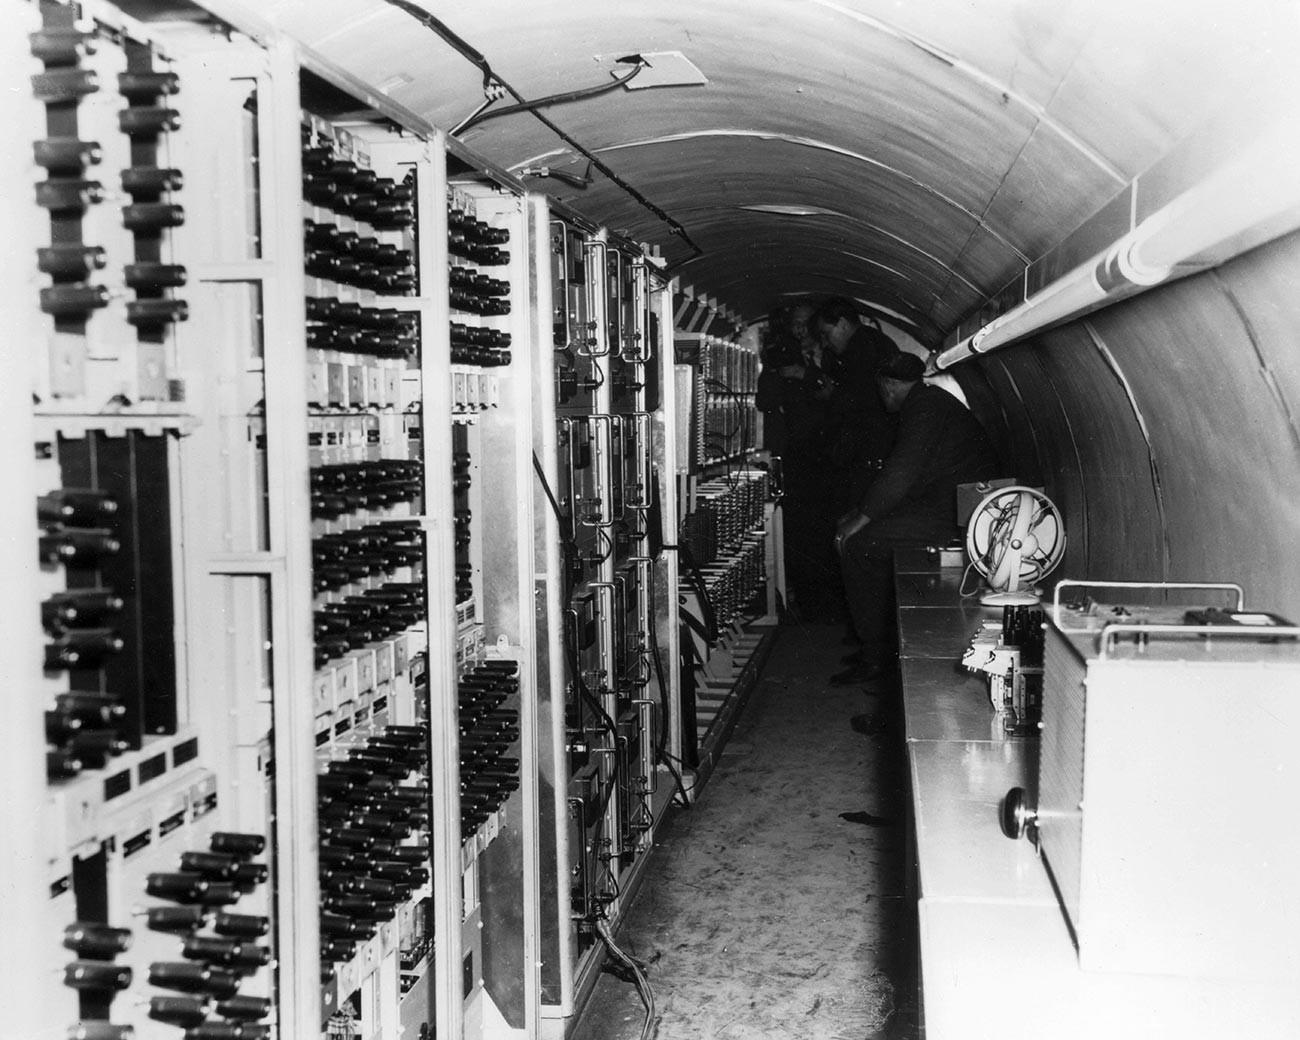 Берлинский тоннель, созданный спецслужбами США и Великобритании.